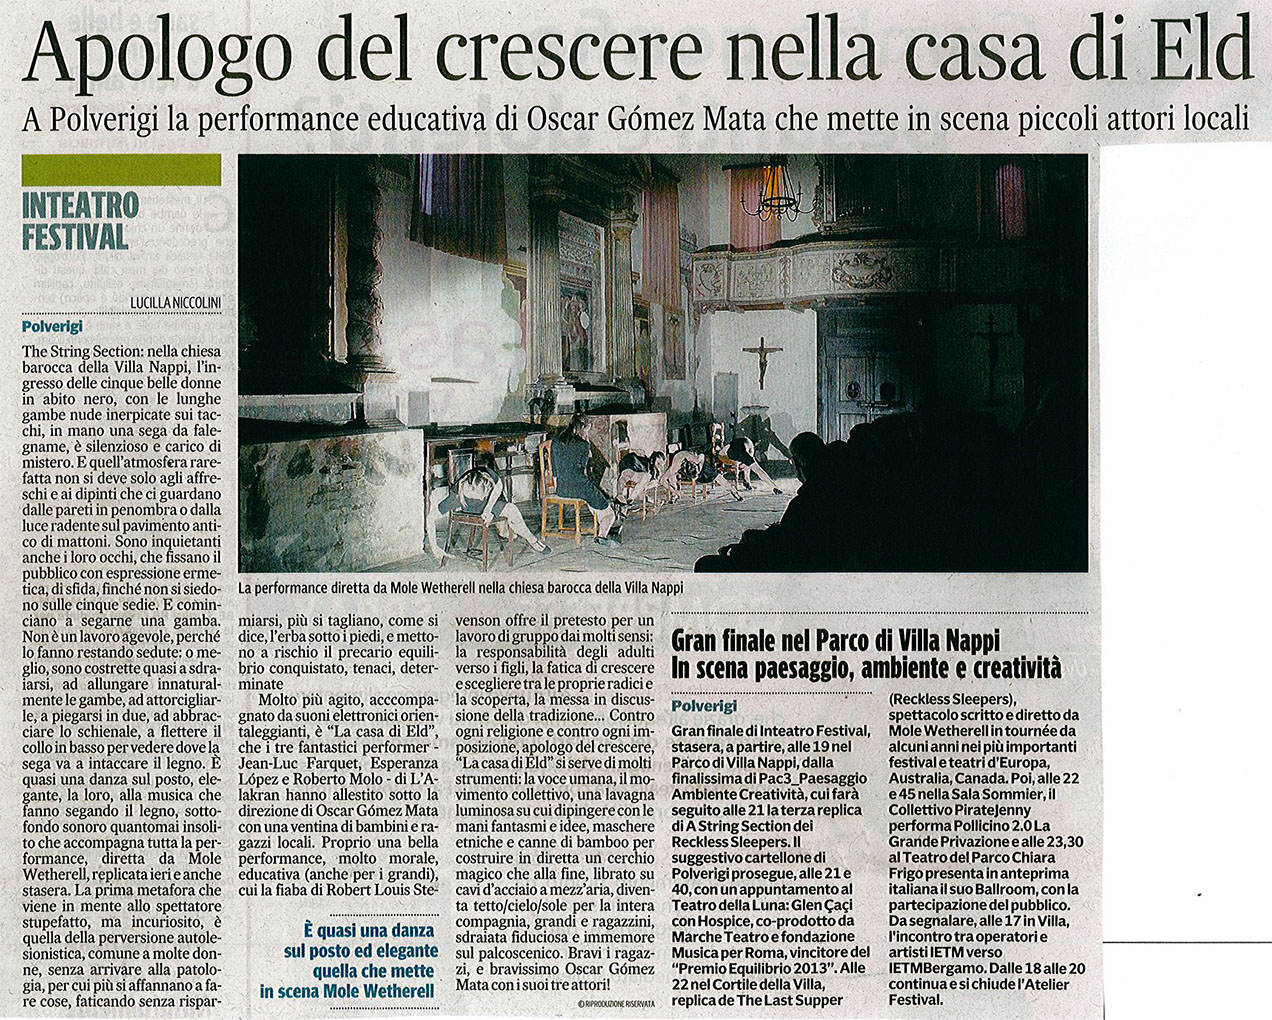 2014.07.05 Apologo del crescere nella casa di Eld - Corriere Adriatico